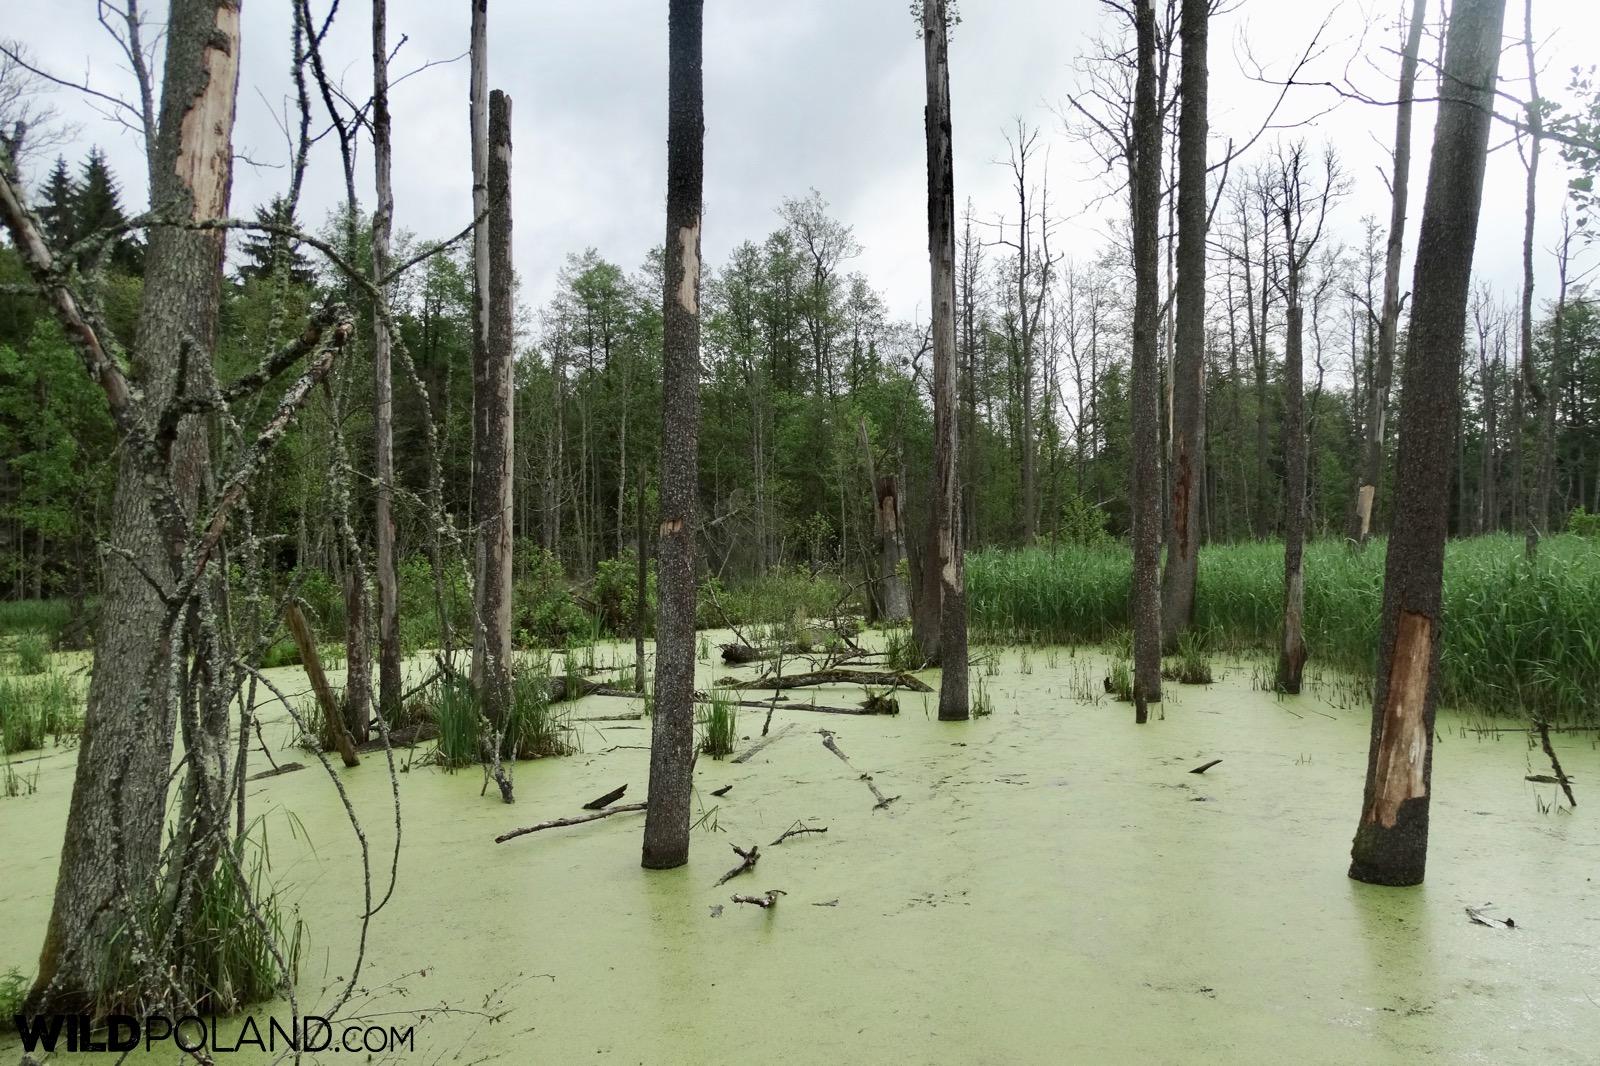 Białowieża Forest diversity, photo by Piotr Dębowski